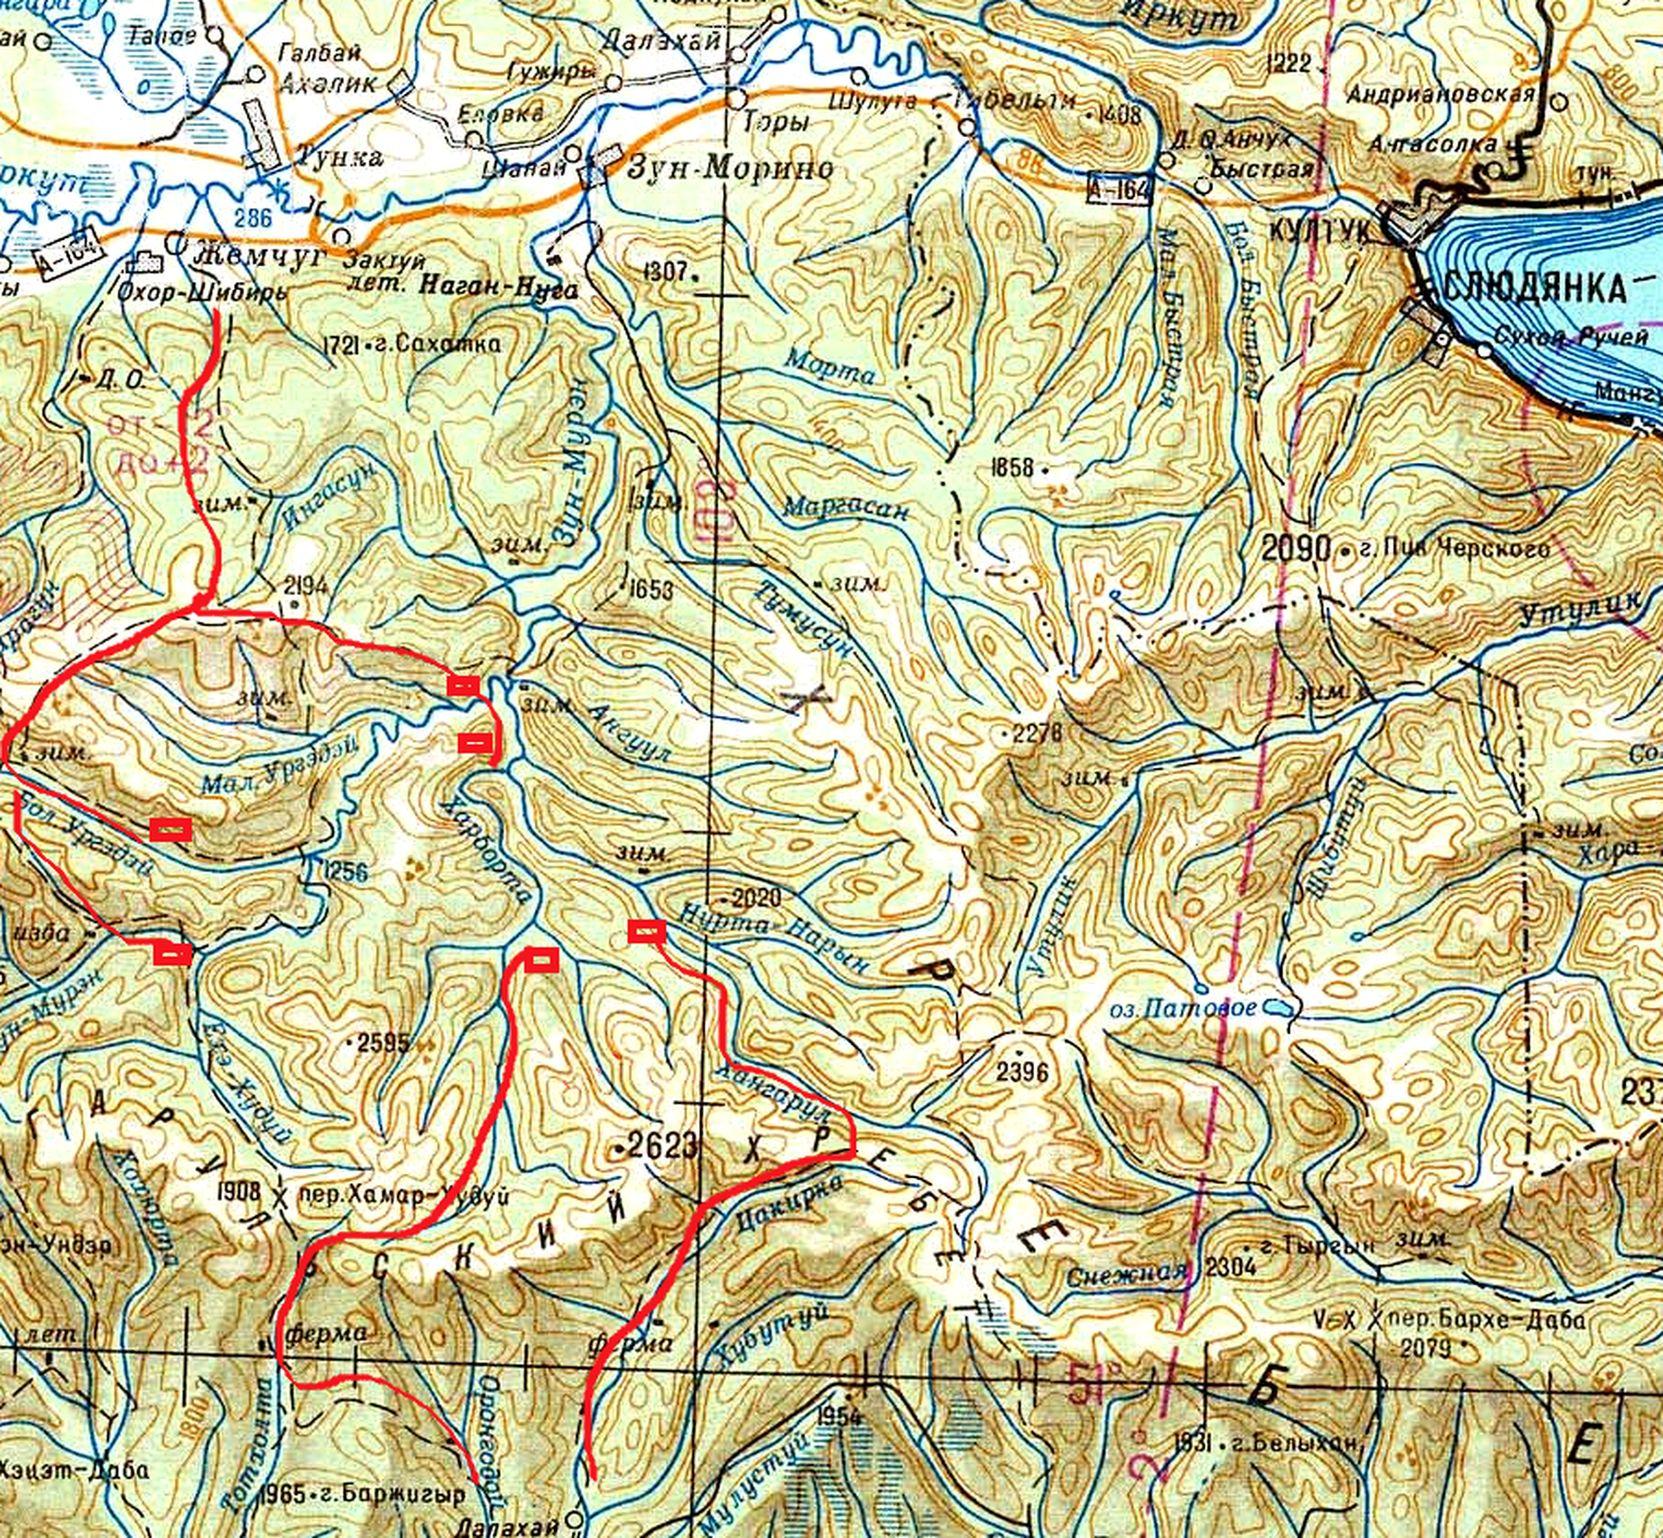 Маршруты реки Зун Мурин и Хангарул